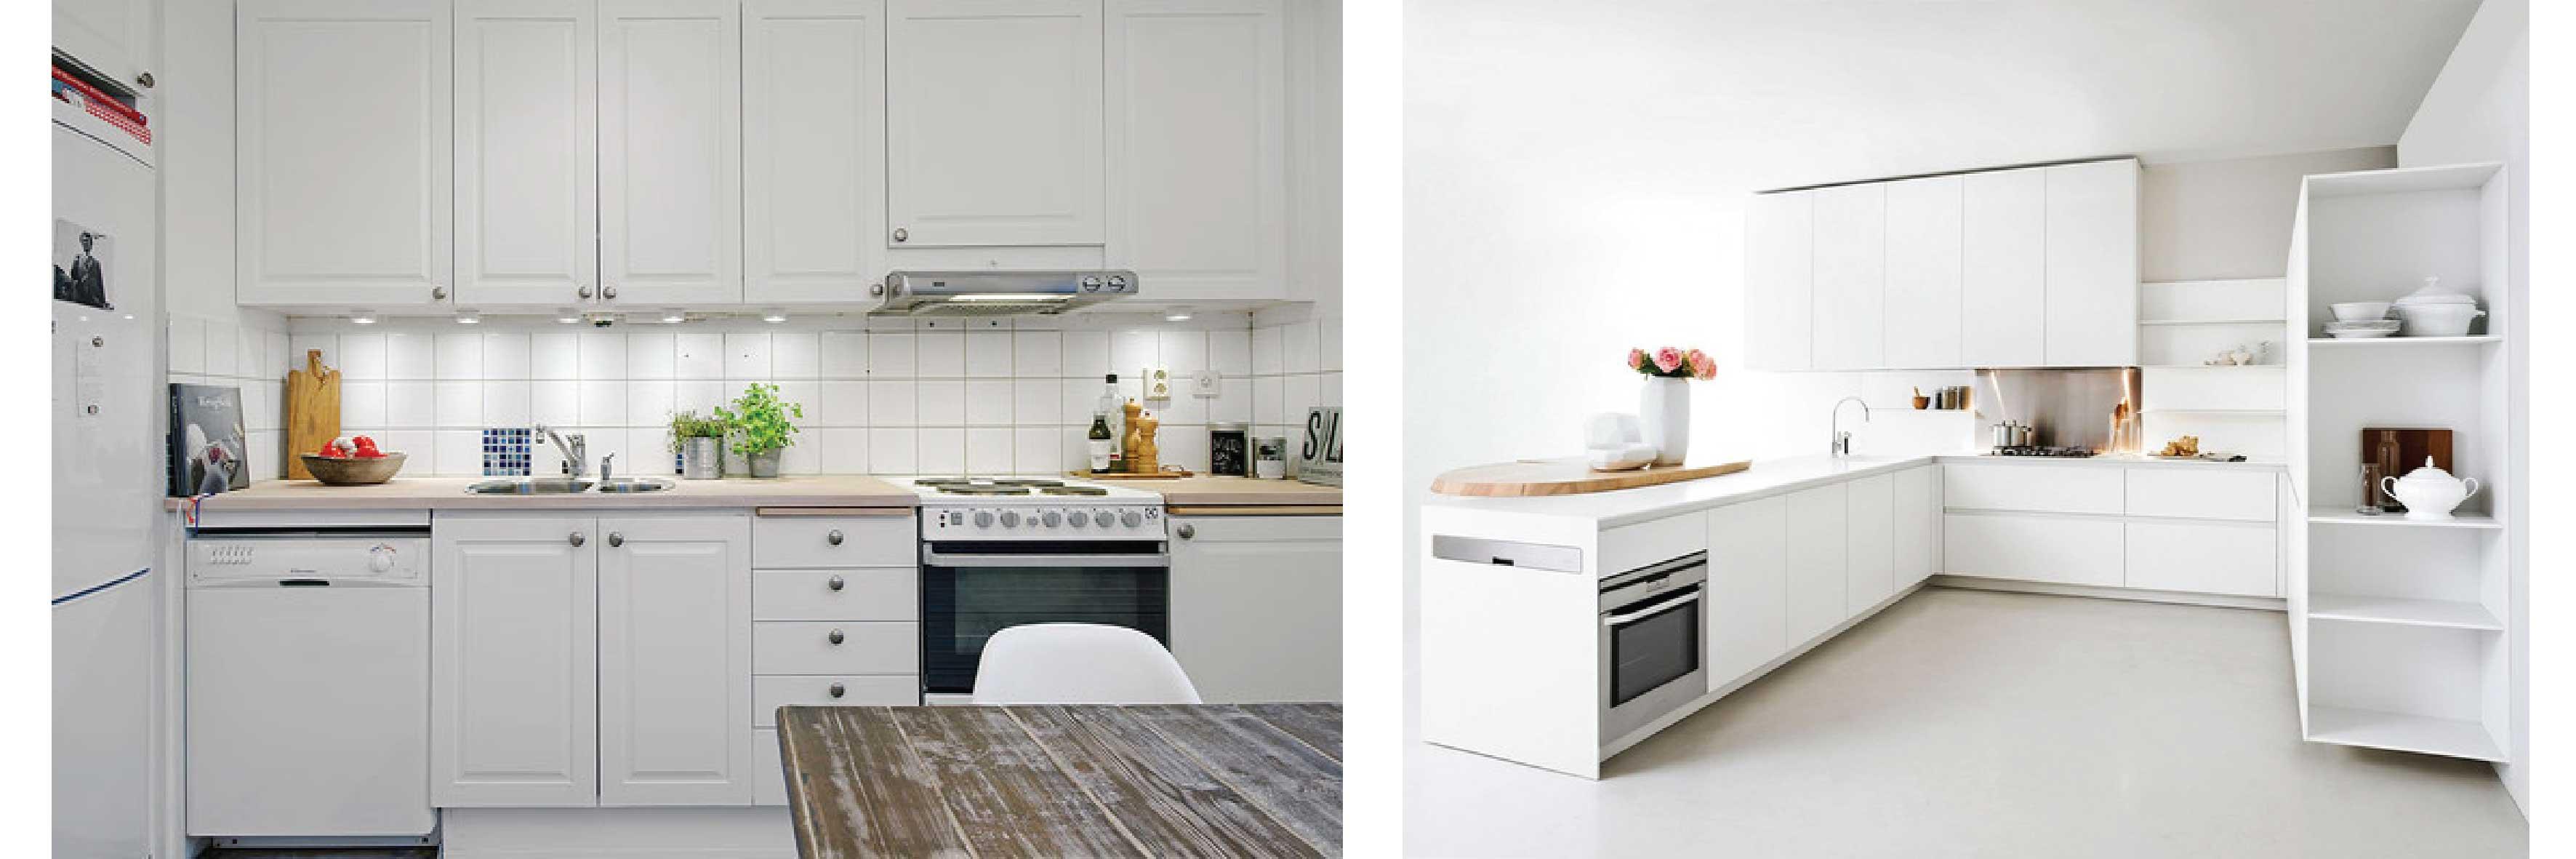 ตู้ครอบเตาอบควรมีสีโทนเดียวกับห้องครัวและเฟอร์นิเจอร์ในห้องครัว เพื่อให้เกิดความสวยงามและโทนสีไม่ตัดกันเกินไปมากนัก